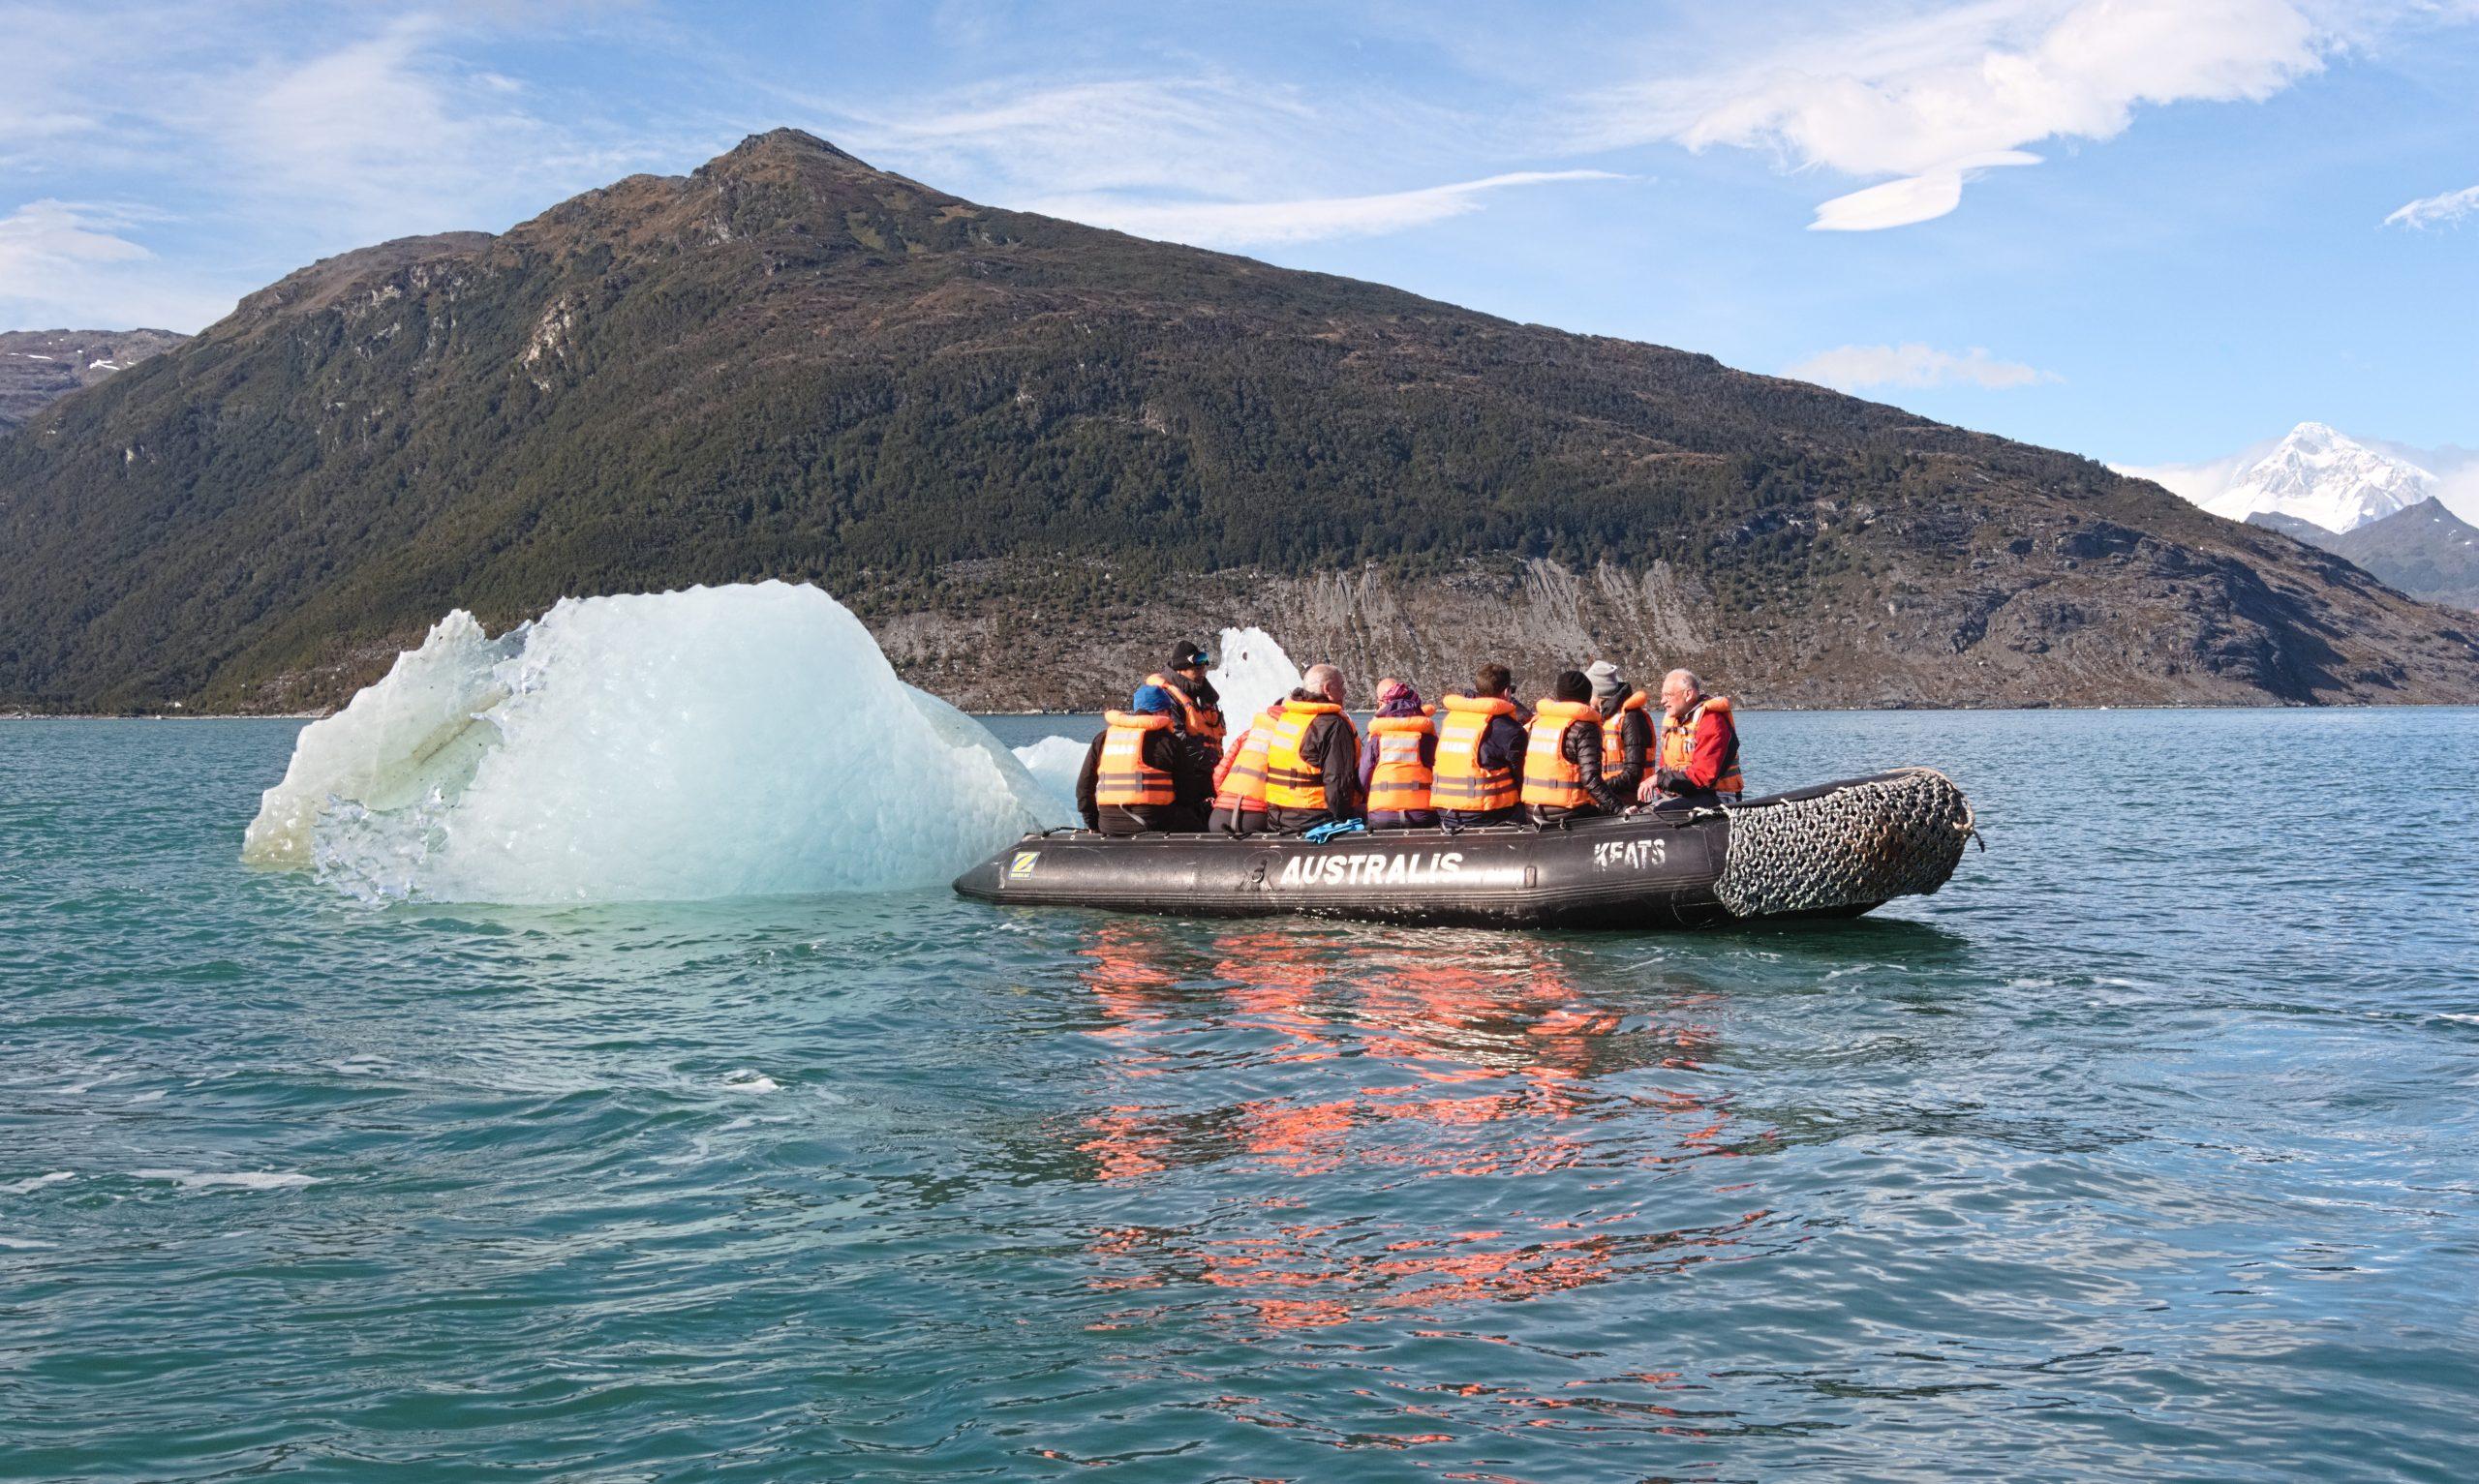 Expeditionsfahrt mit der Australis: Ausflug zum Pia-Gletscher